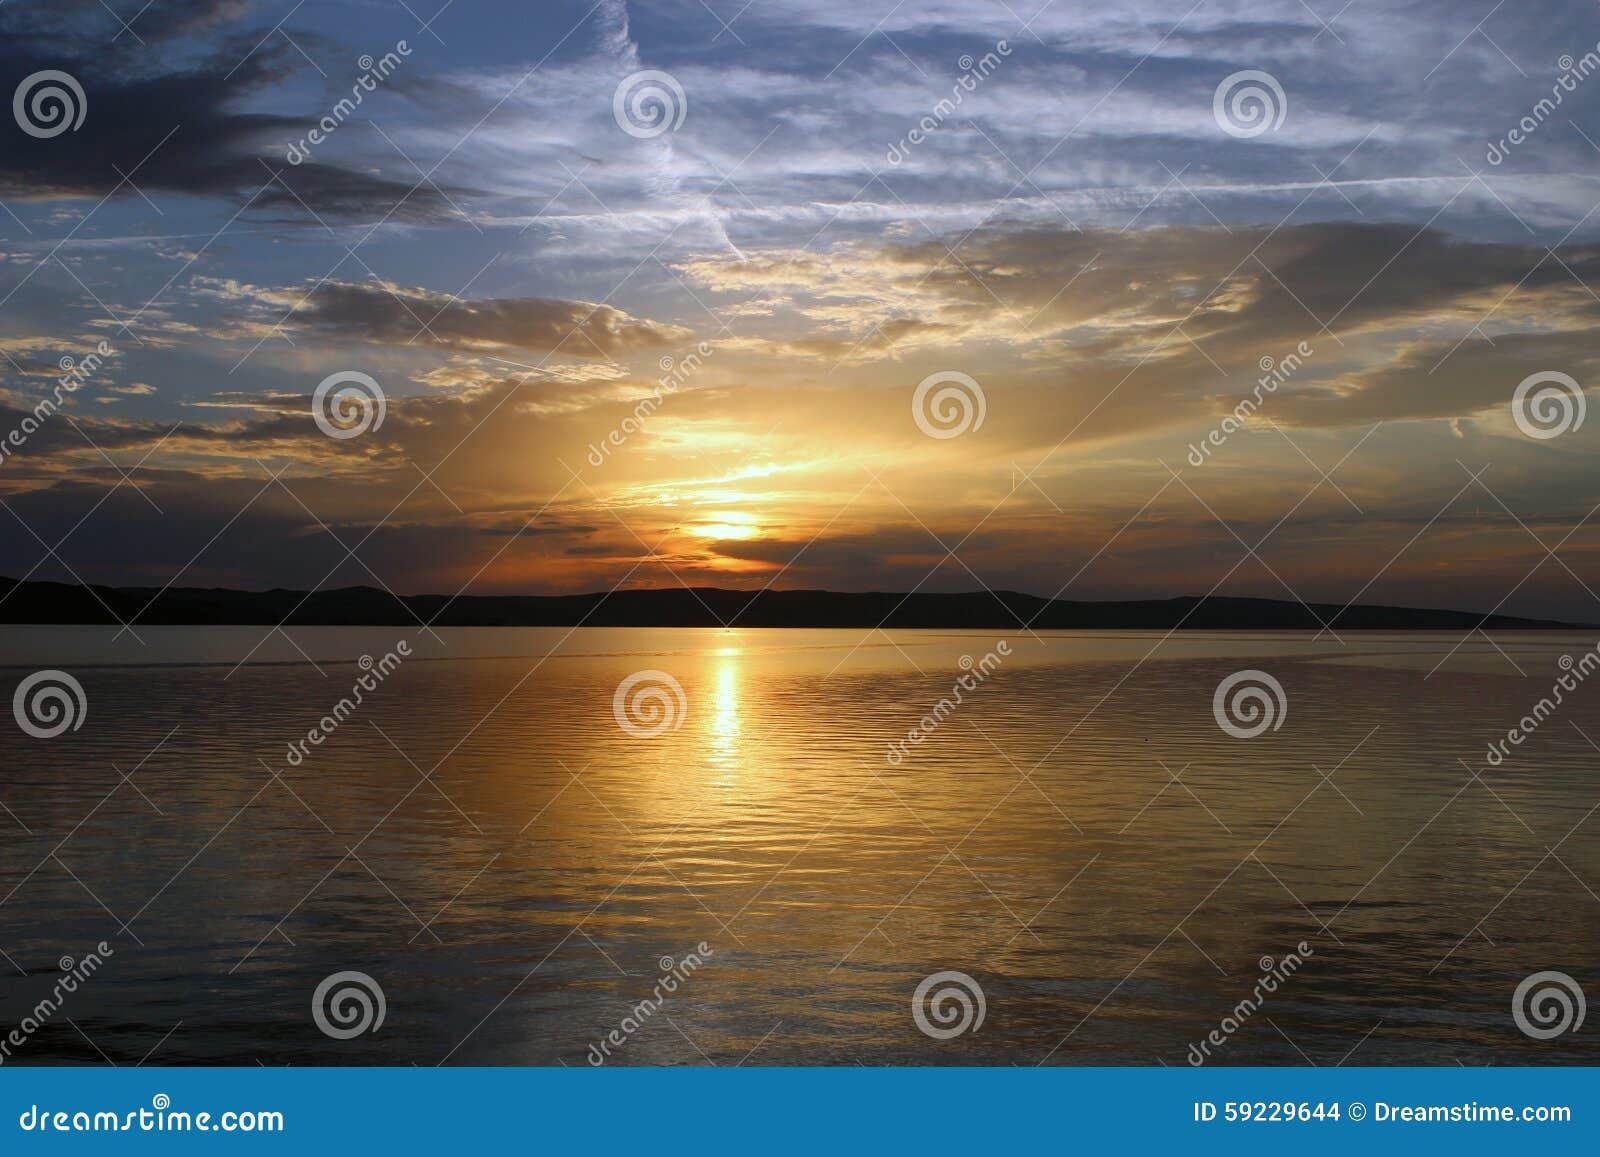 Download Paisaje de la playa croata foto de archivo. Imagen de hermoso - 59229644